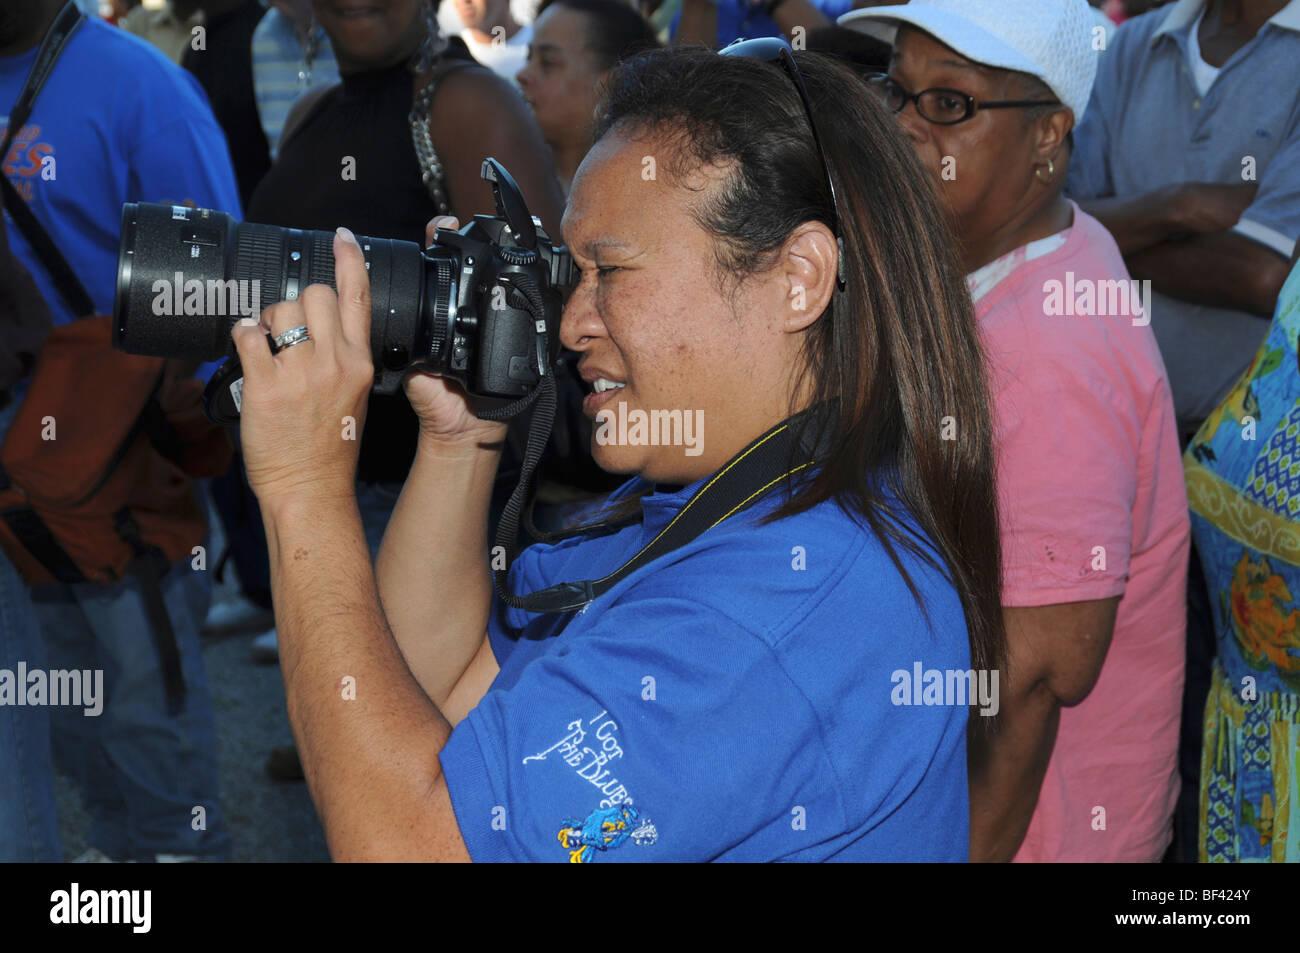 Photographe prend des photos à un événement Photo Stock